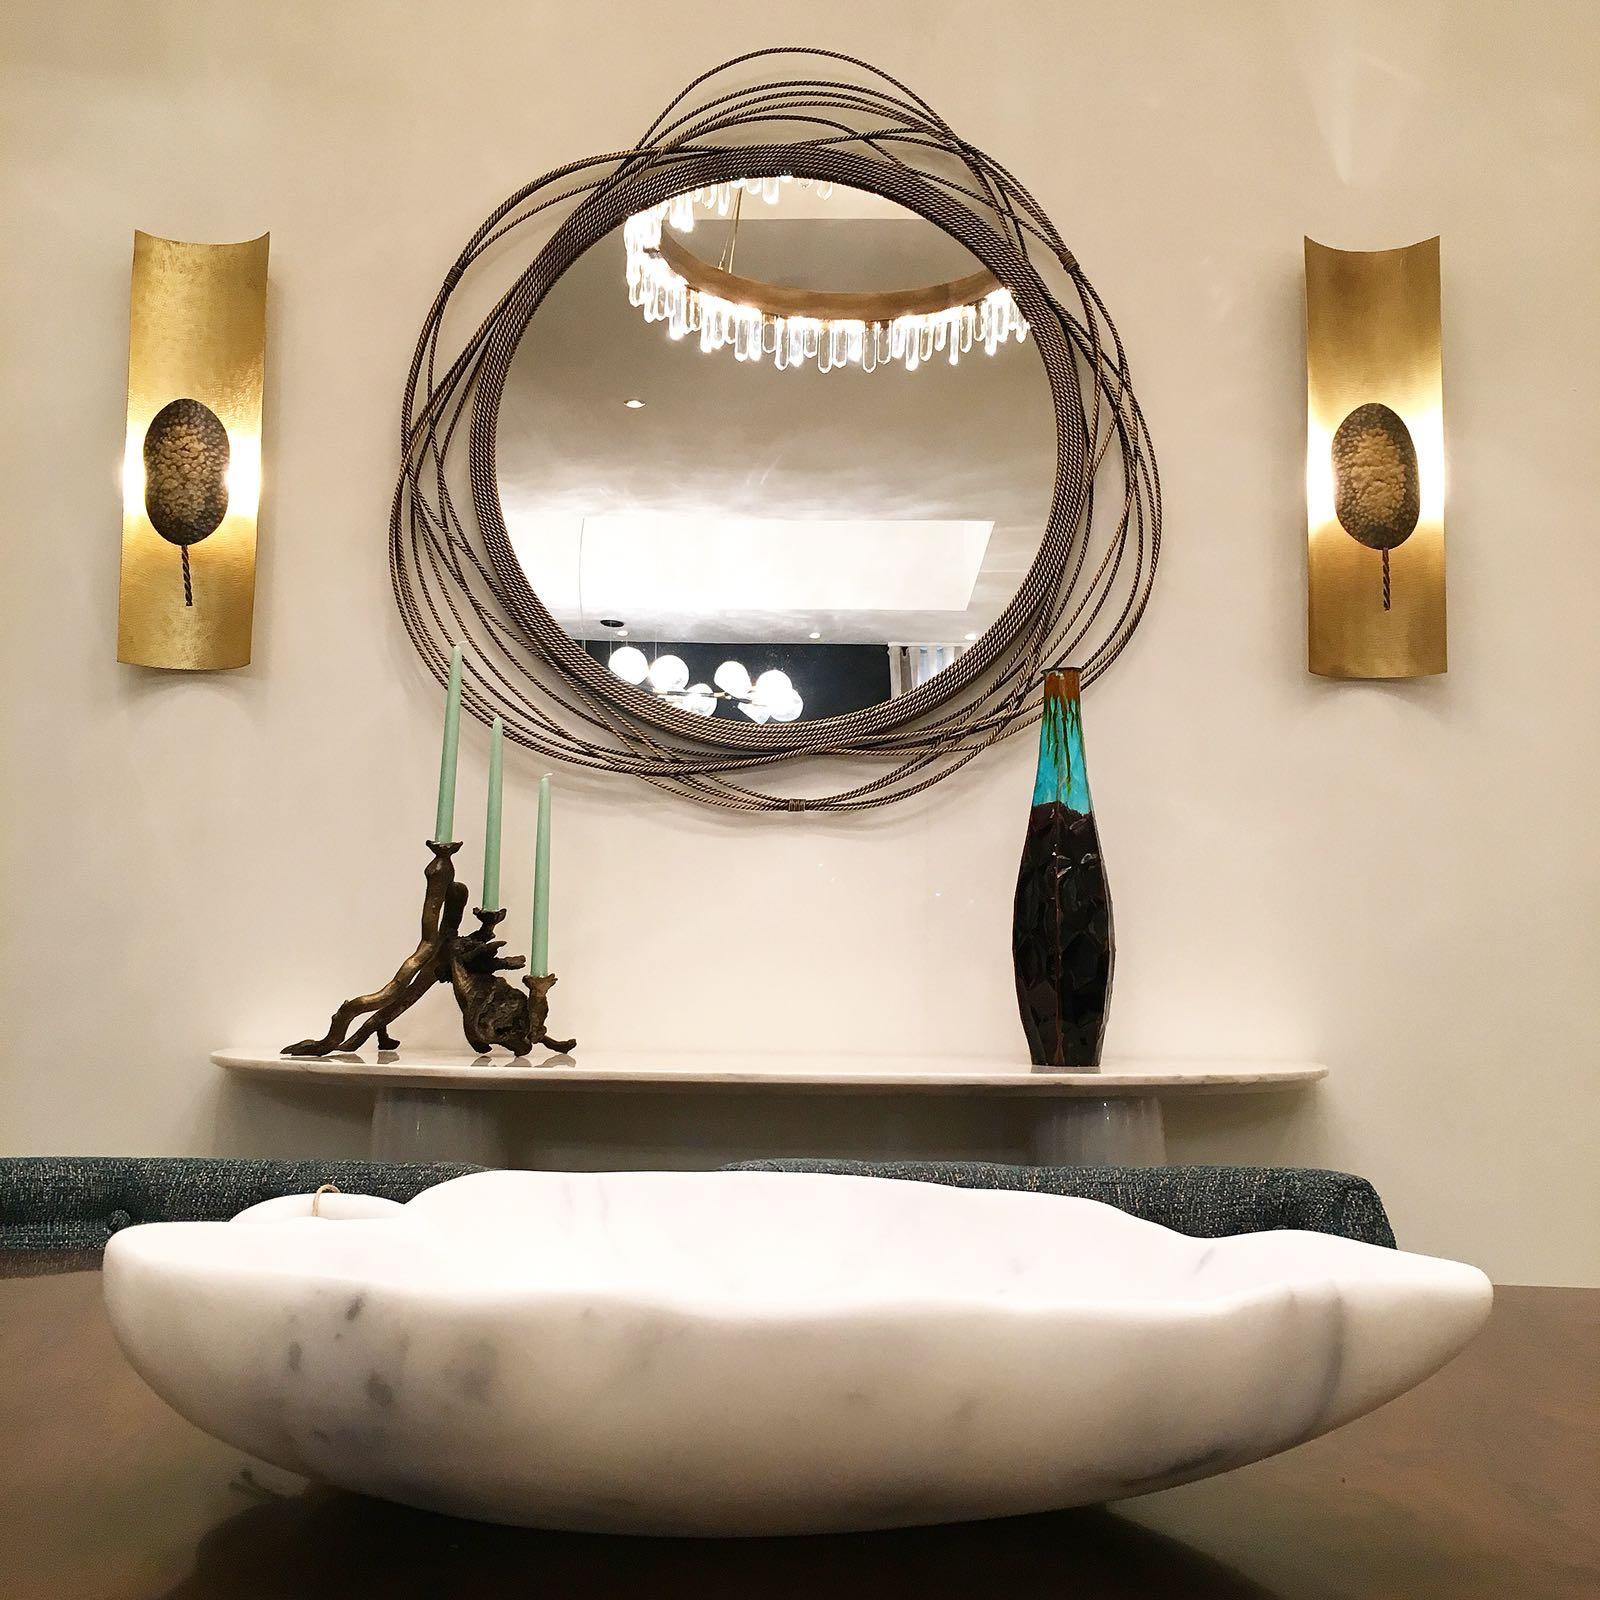 Discover brabbu apartment at salone del mobile 2018 for Interior design inspiration 2018